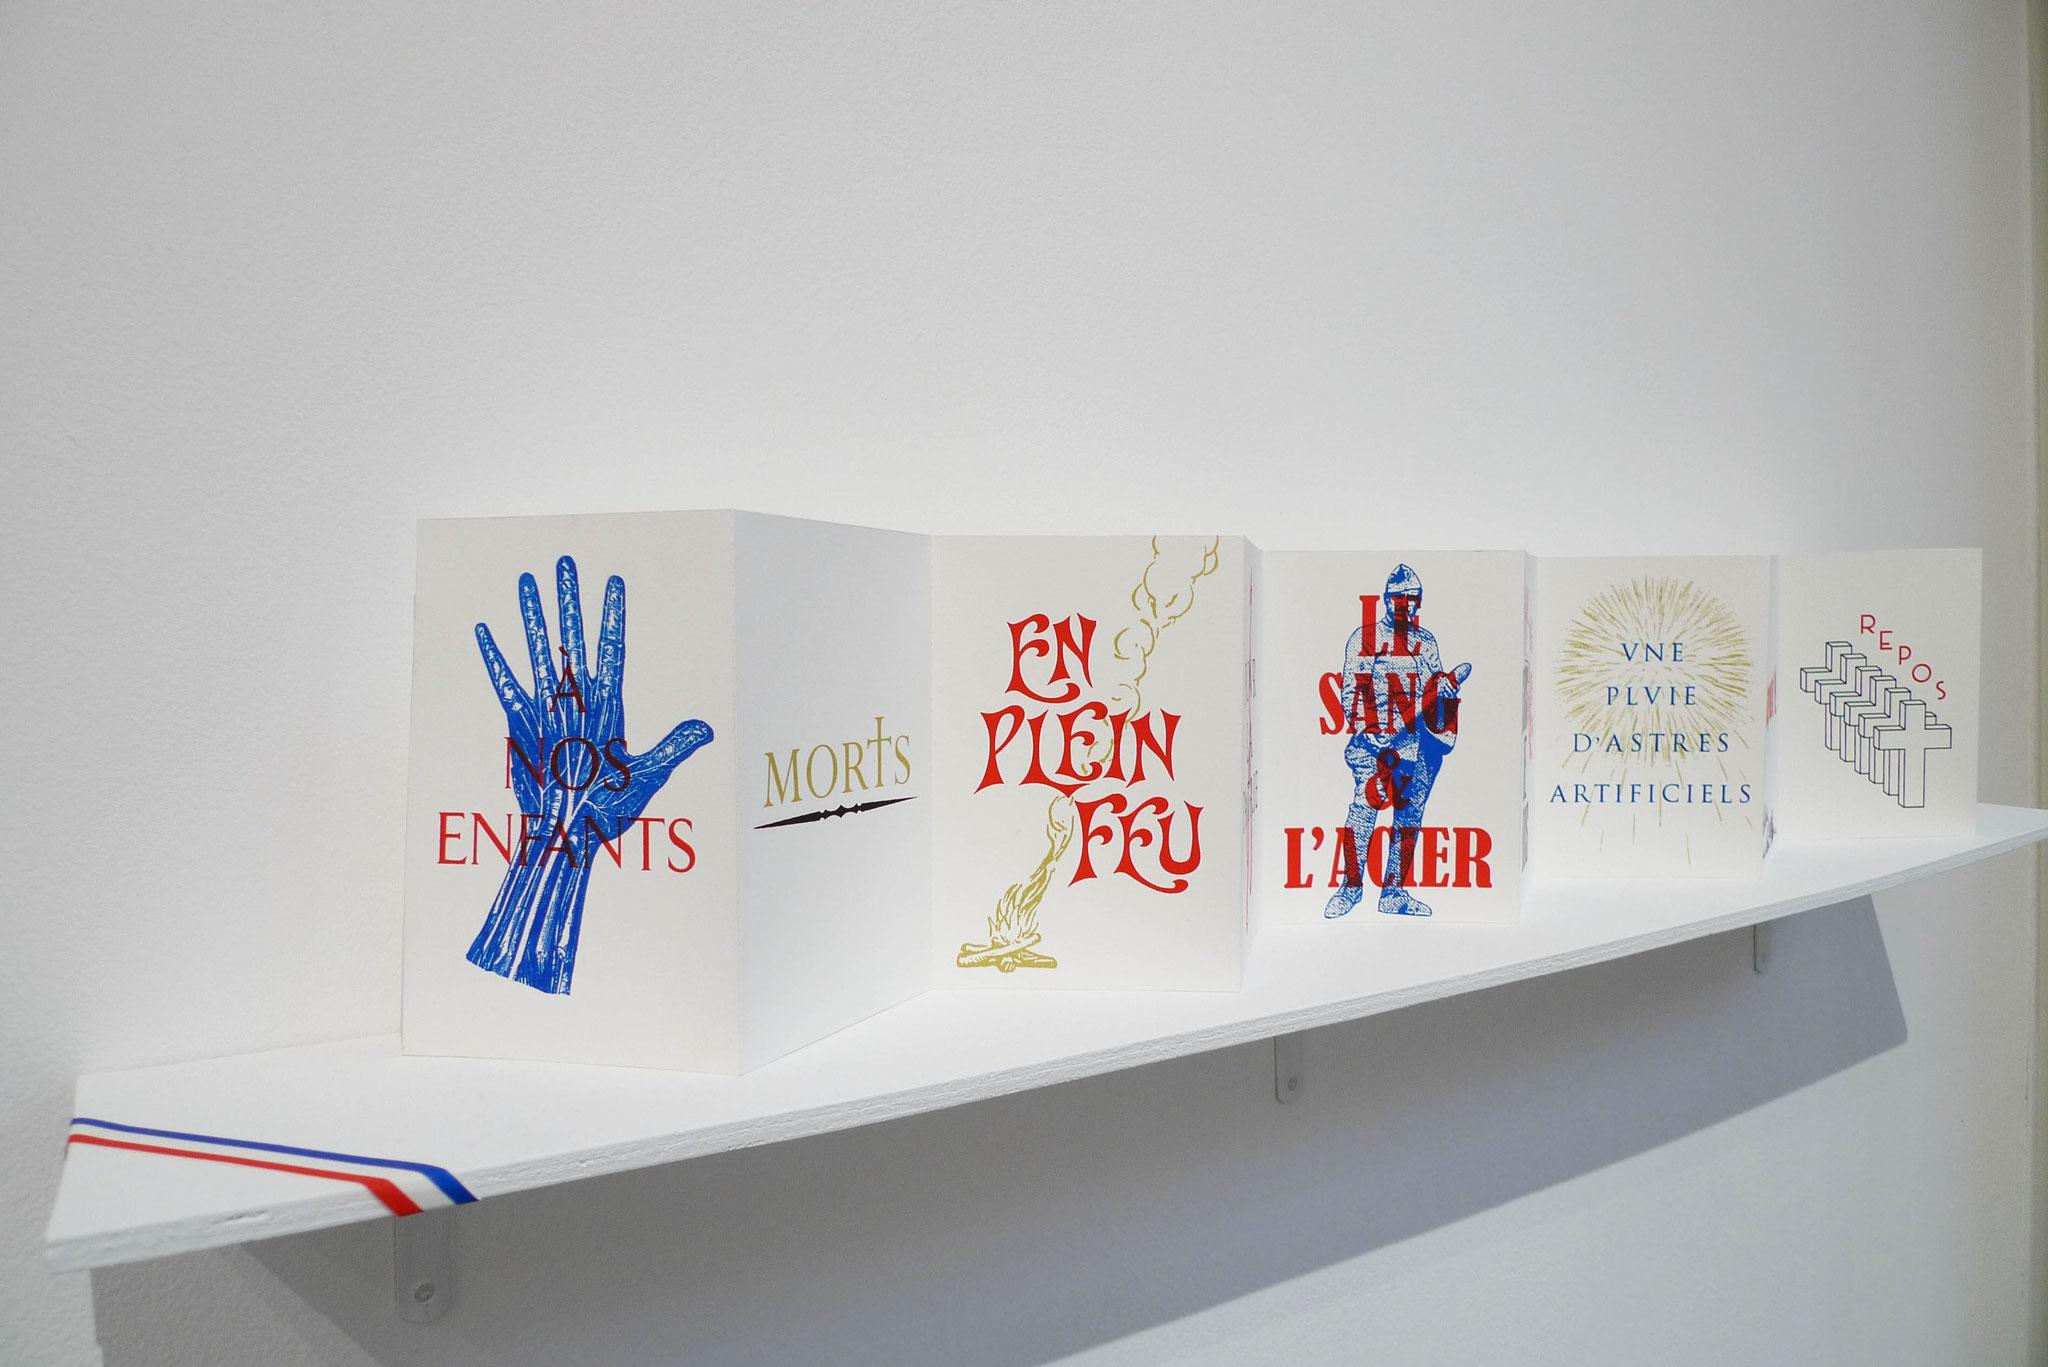 À nos enfants, 2017. Leporello sérigraphié, 50 exemplaires. Photo : Loïc Creff